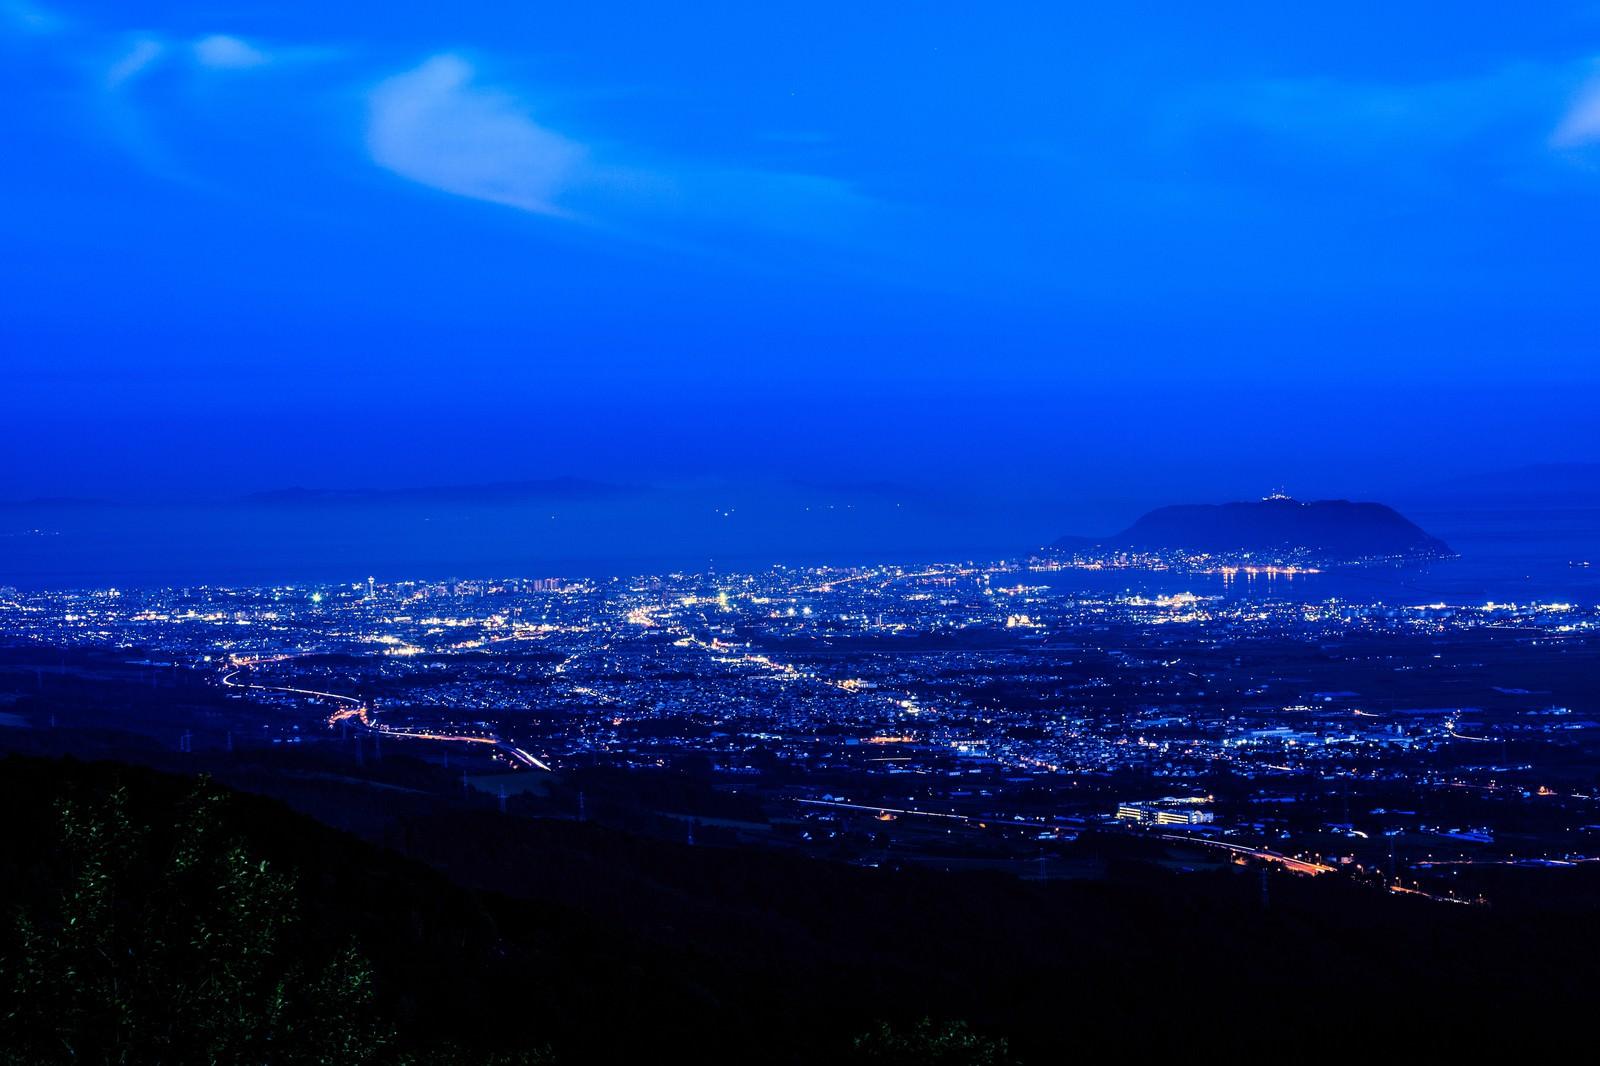 「函館裏夜景 | 写真の無料素材・フリー素材 - ぱくたそ」の写真